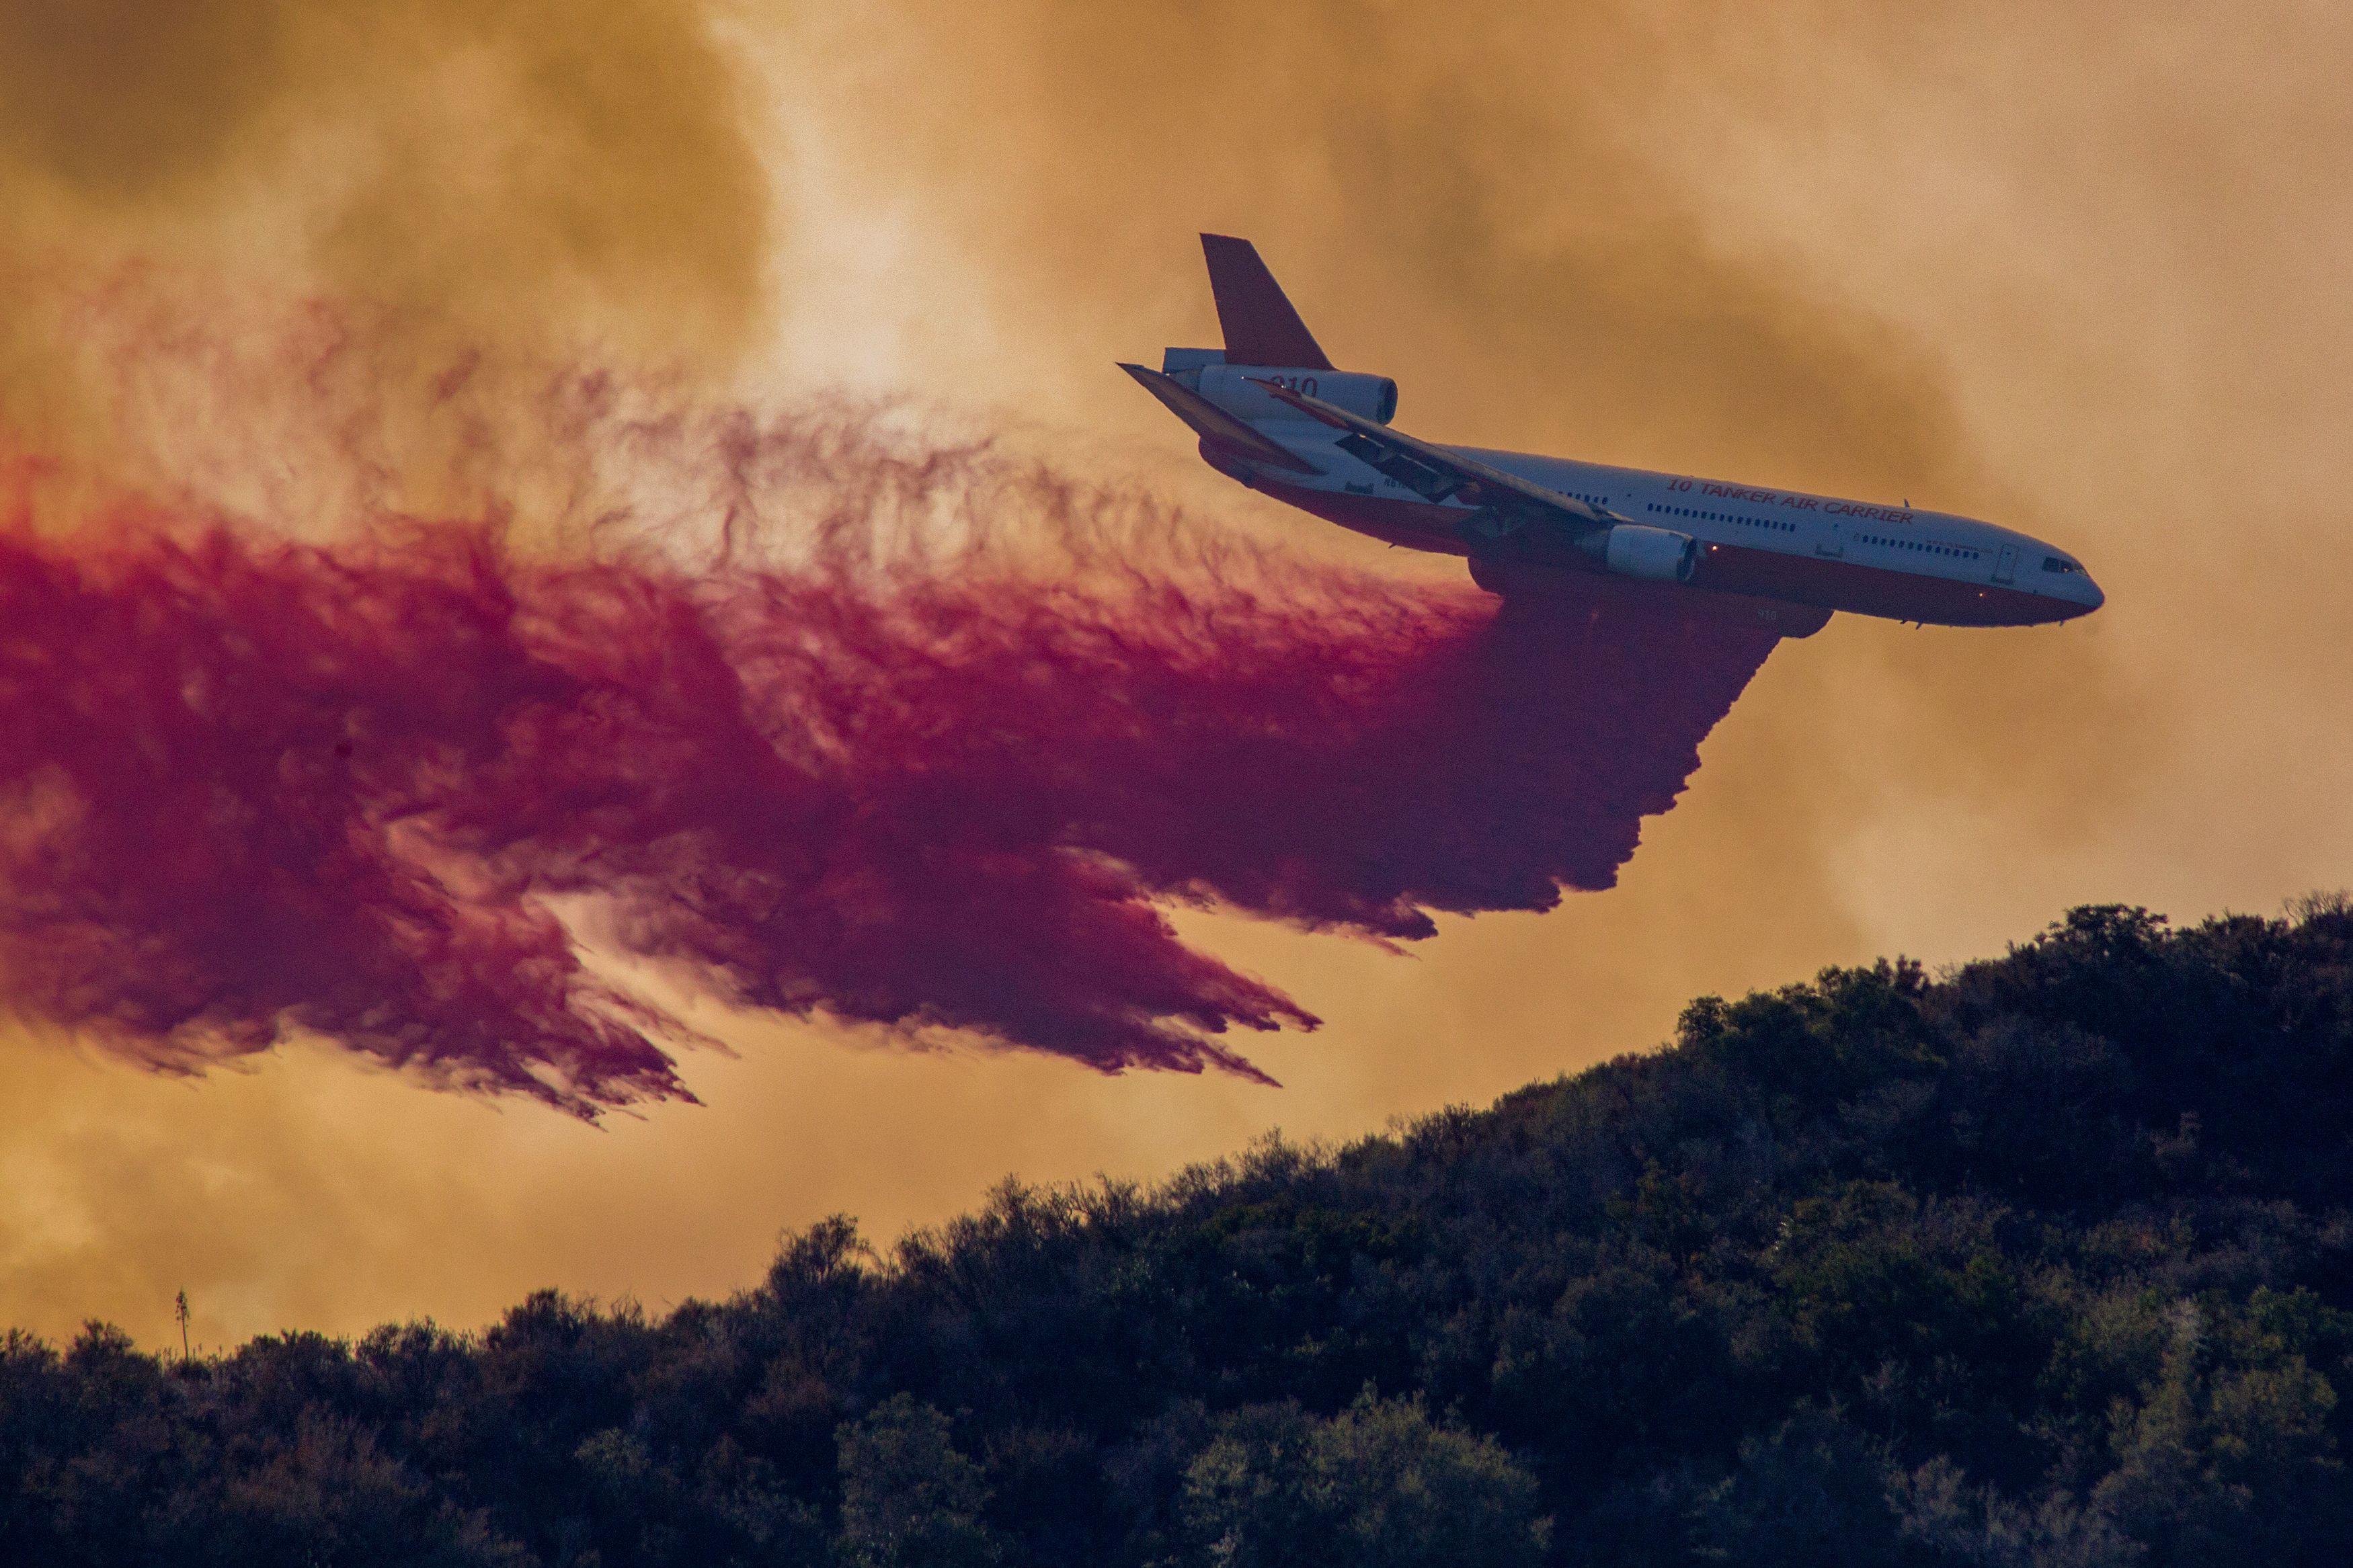 محاولات كبيرة لاحتواء الحريق المستعر فى كاليفورنيا